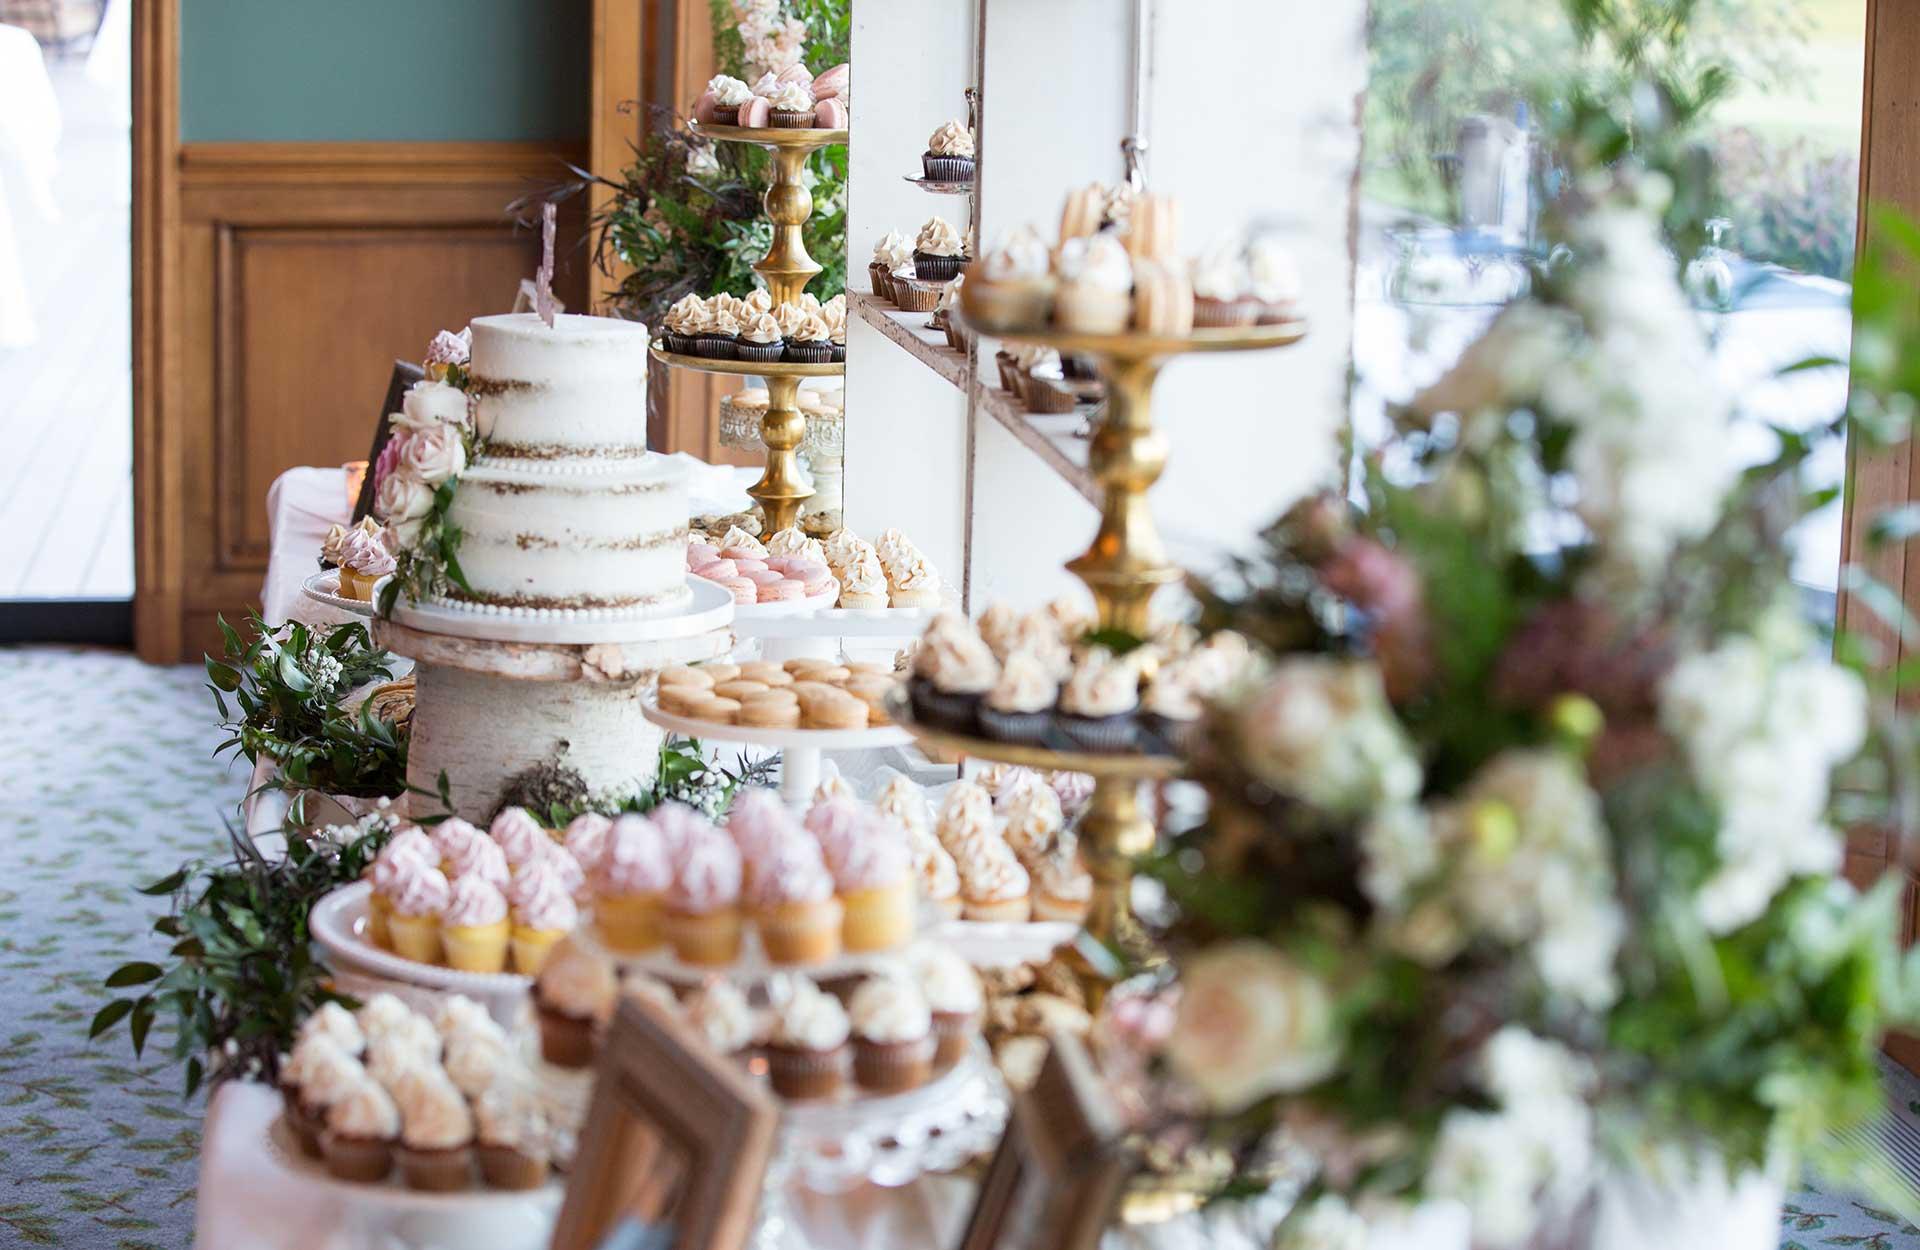 Brudskålen - bröllopstårta